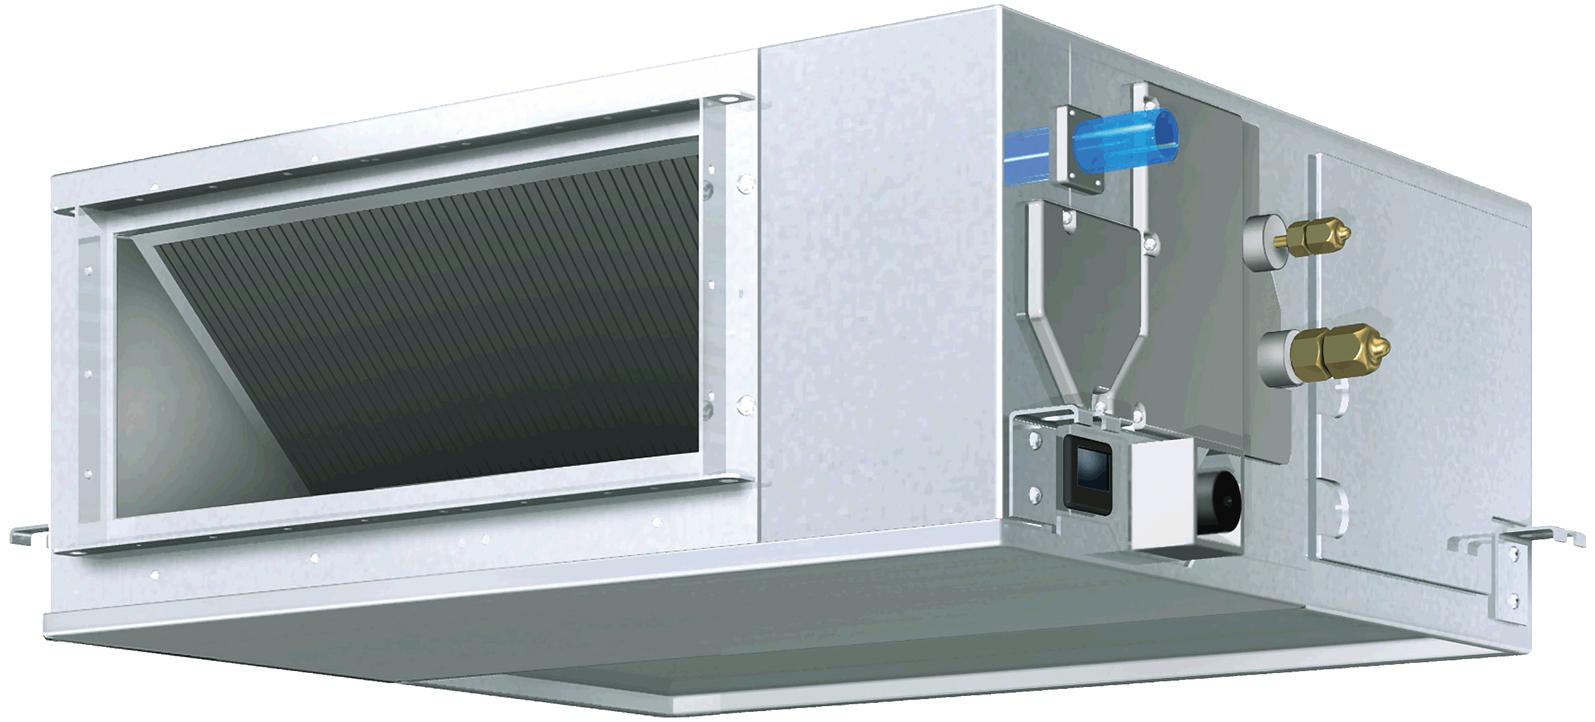 ###ダイキン 業務用エアコン【SZRM50BCT】 天井埋込ダクト形(高静圧タイプ) ペア 2馬力 ワイヤード 三相200V Eco ZEAS